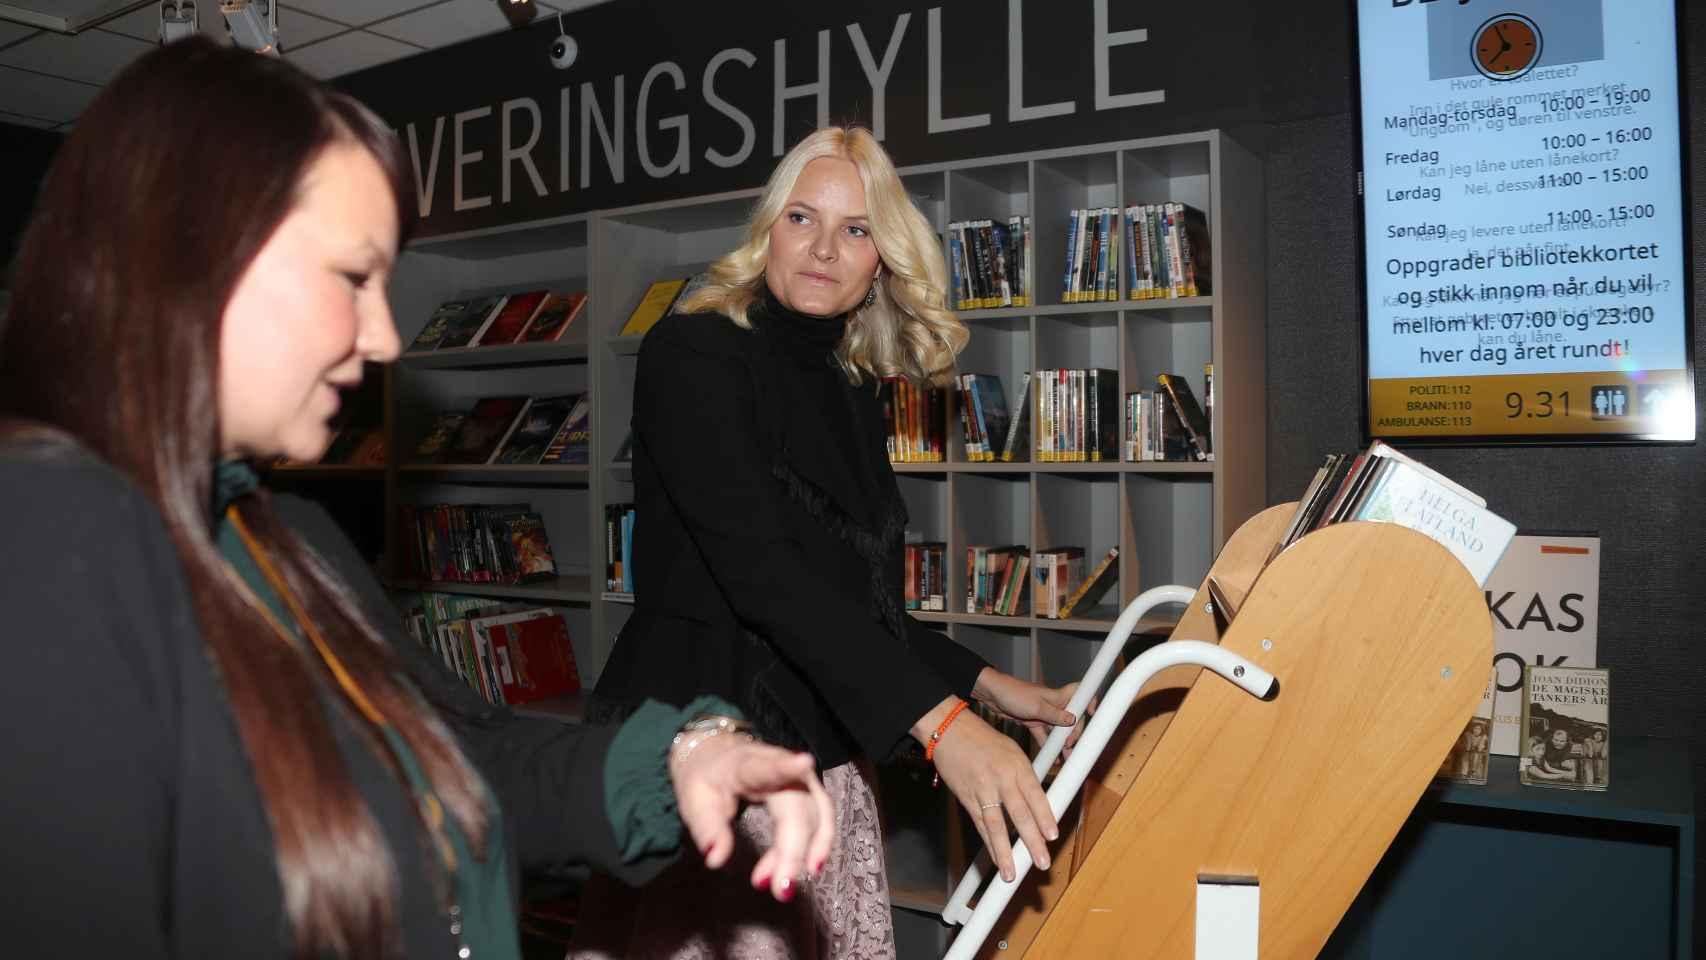 Mette Marit, en un acto celebrado en una biblioteca esta misma semana.